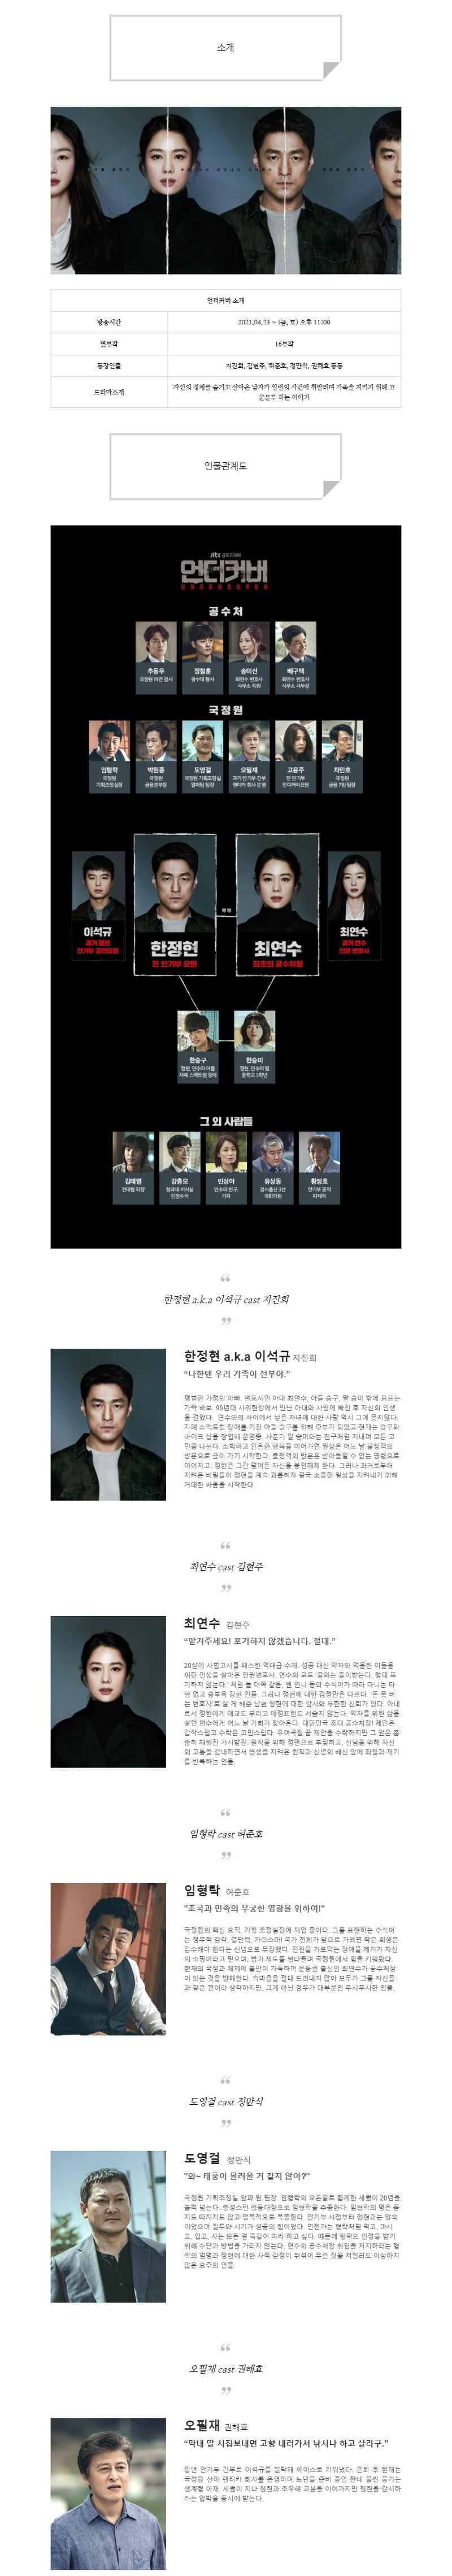 [금토드라마] 언더커버 인물관계도, 몇부작, 정보 소개